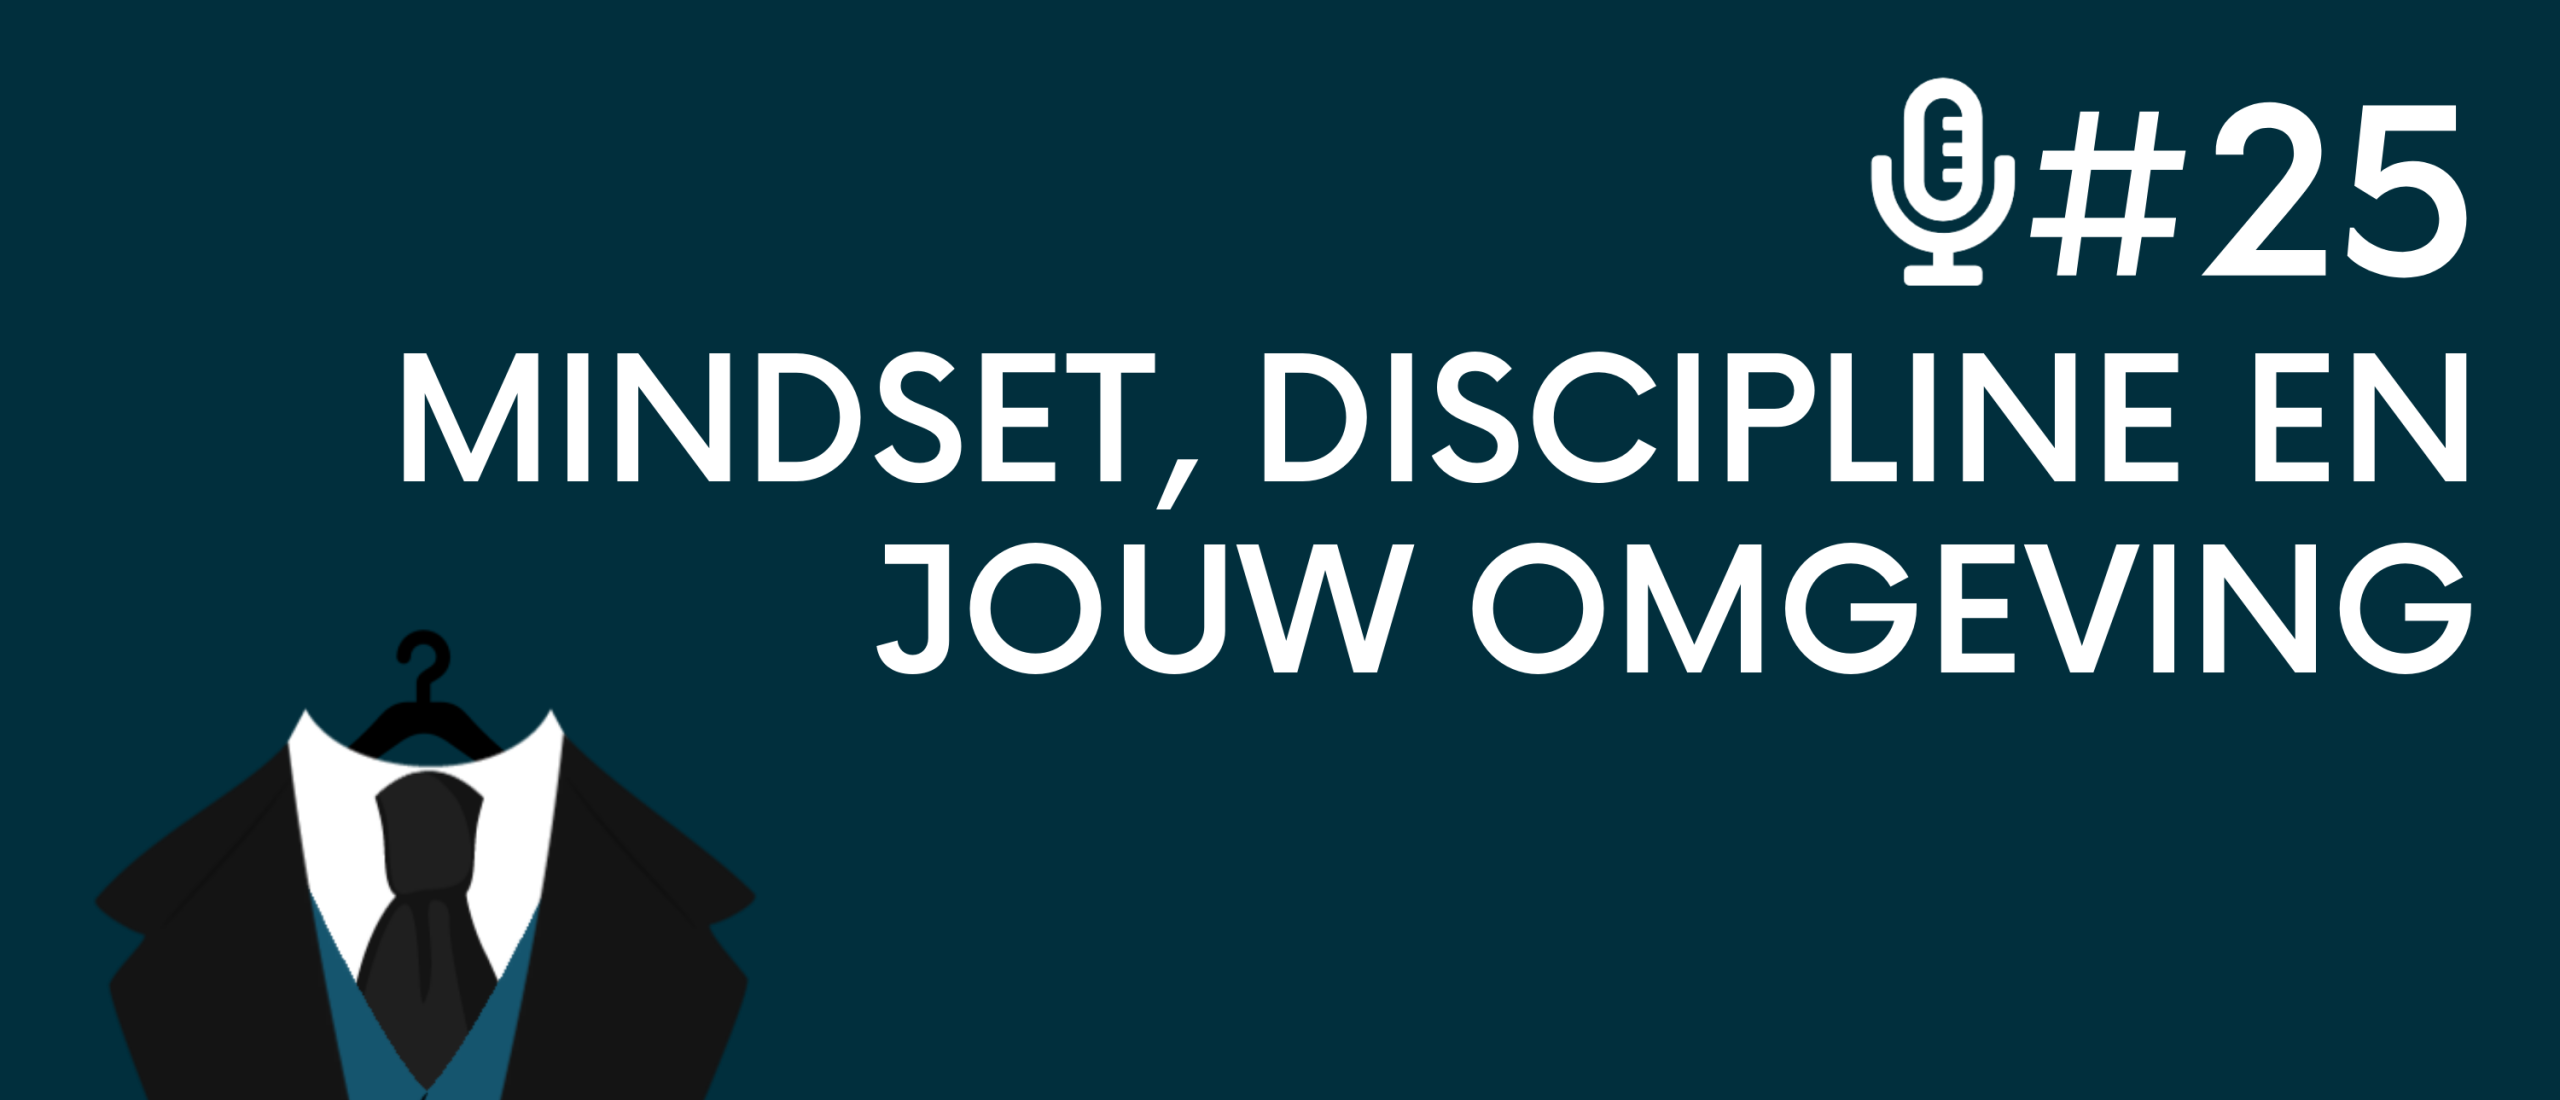 Mindset, discipline en jouw omgeving